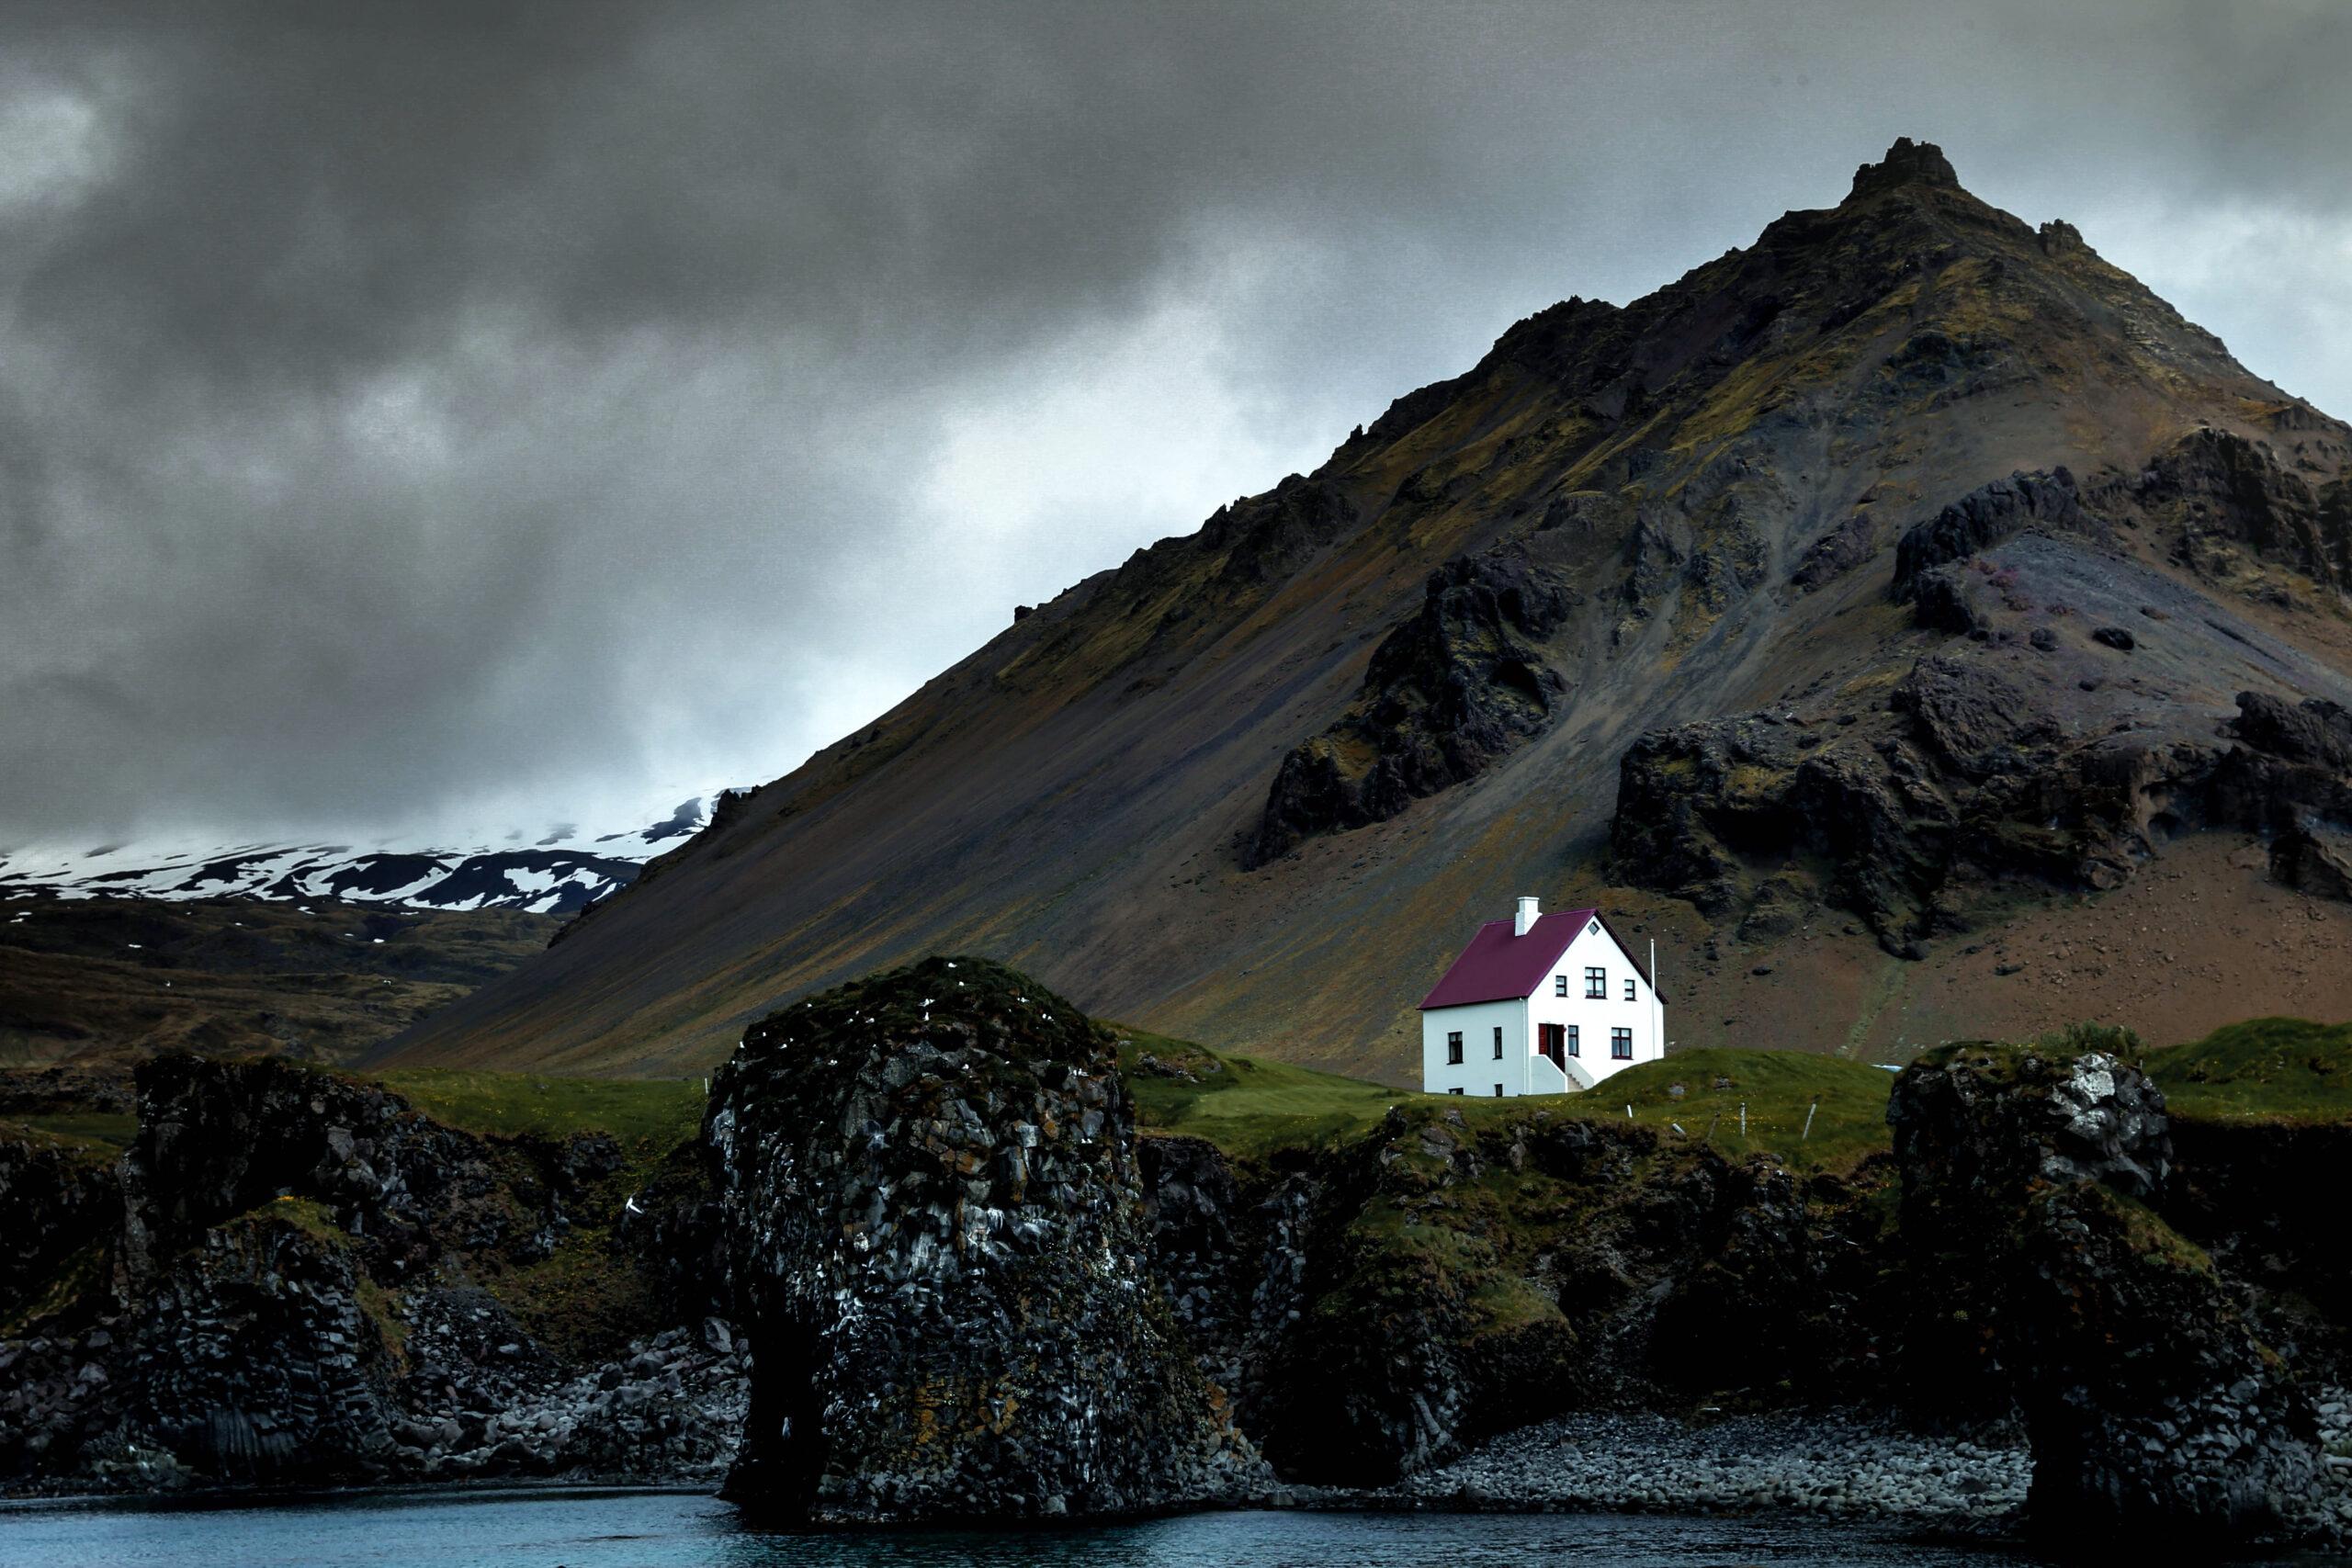 Исландия самая маленькая арктическая классическая страна